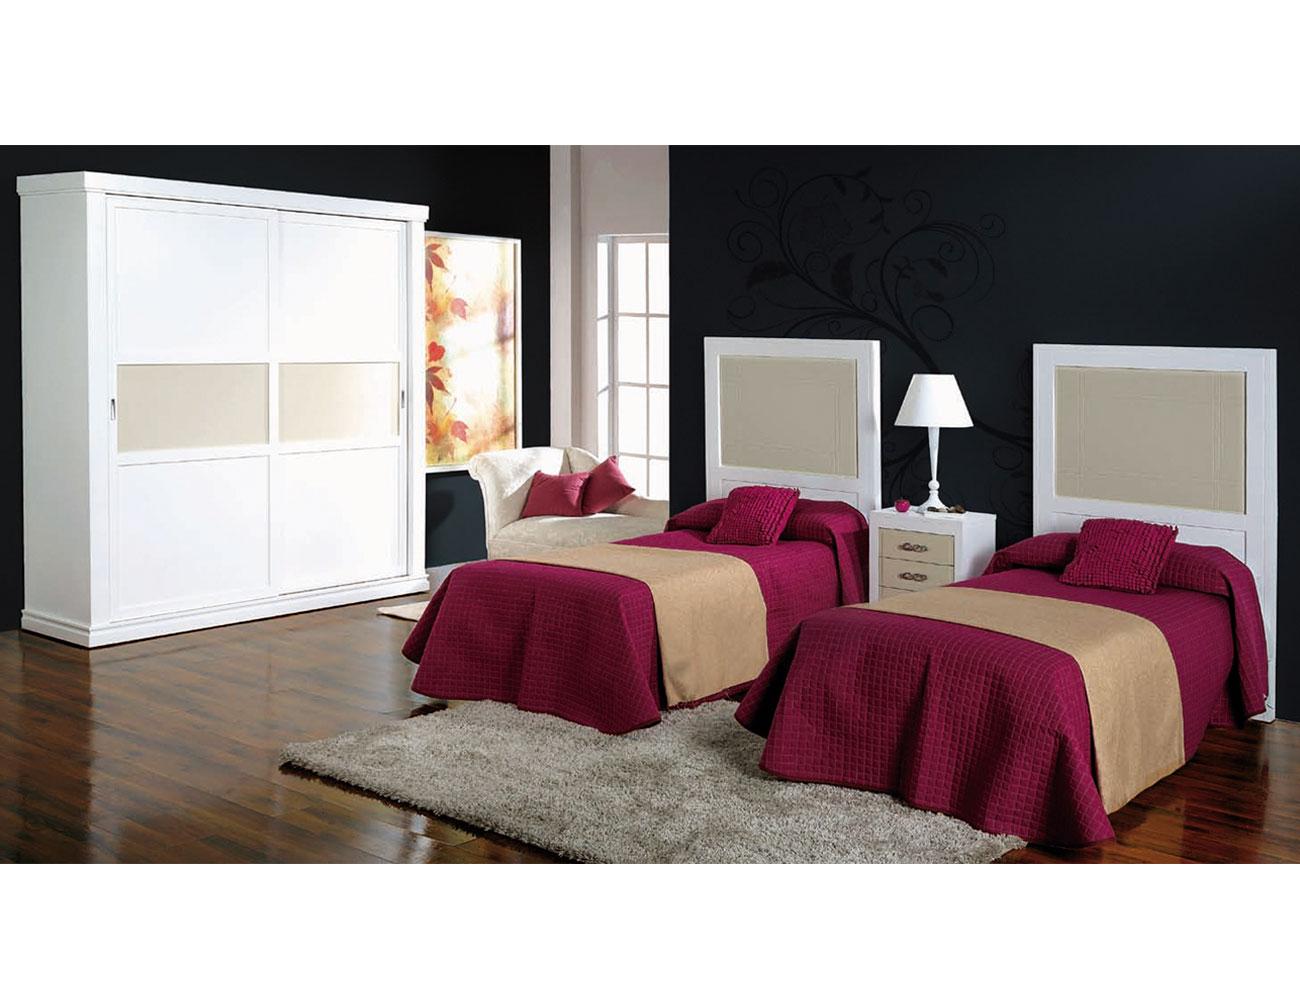 Composicion50 dormitorio armario madera cabecero 90 2